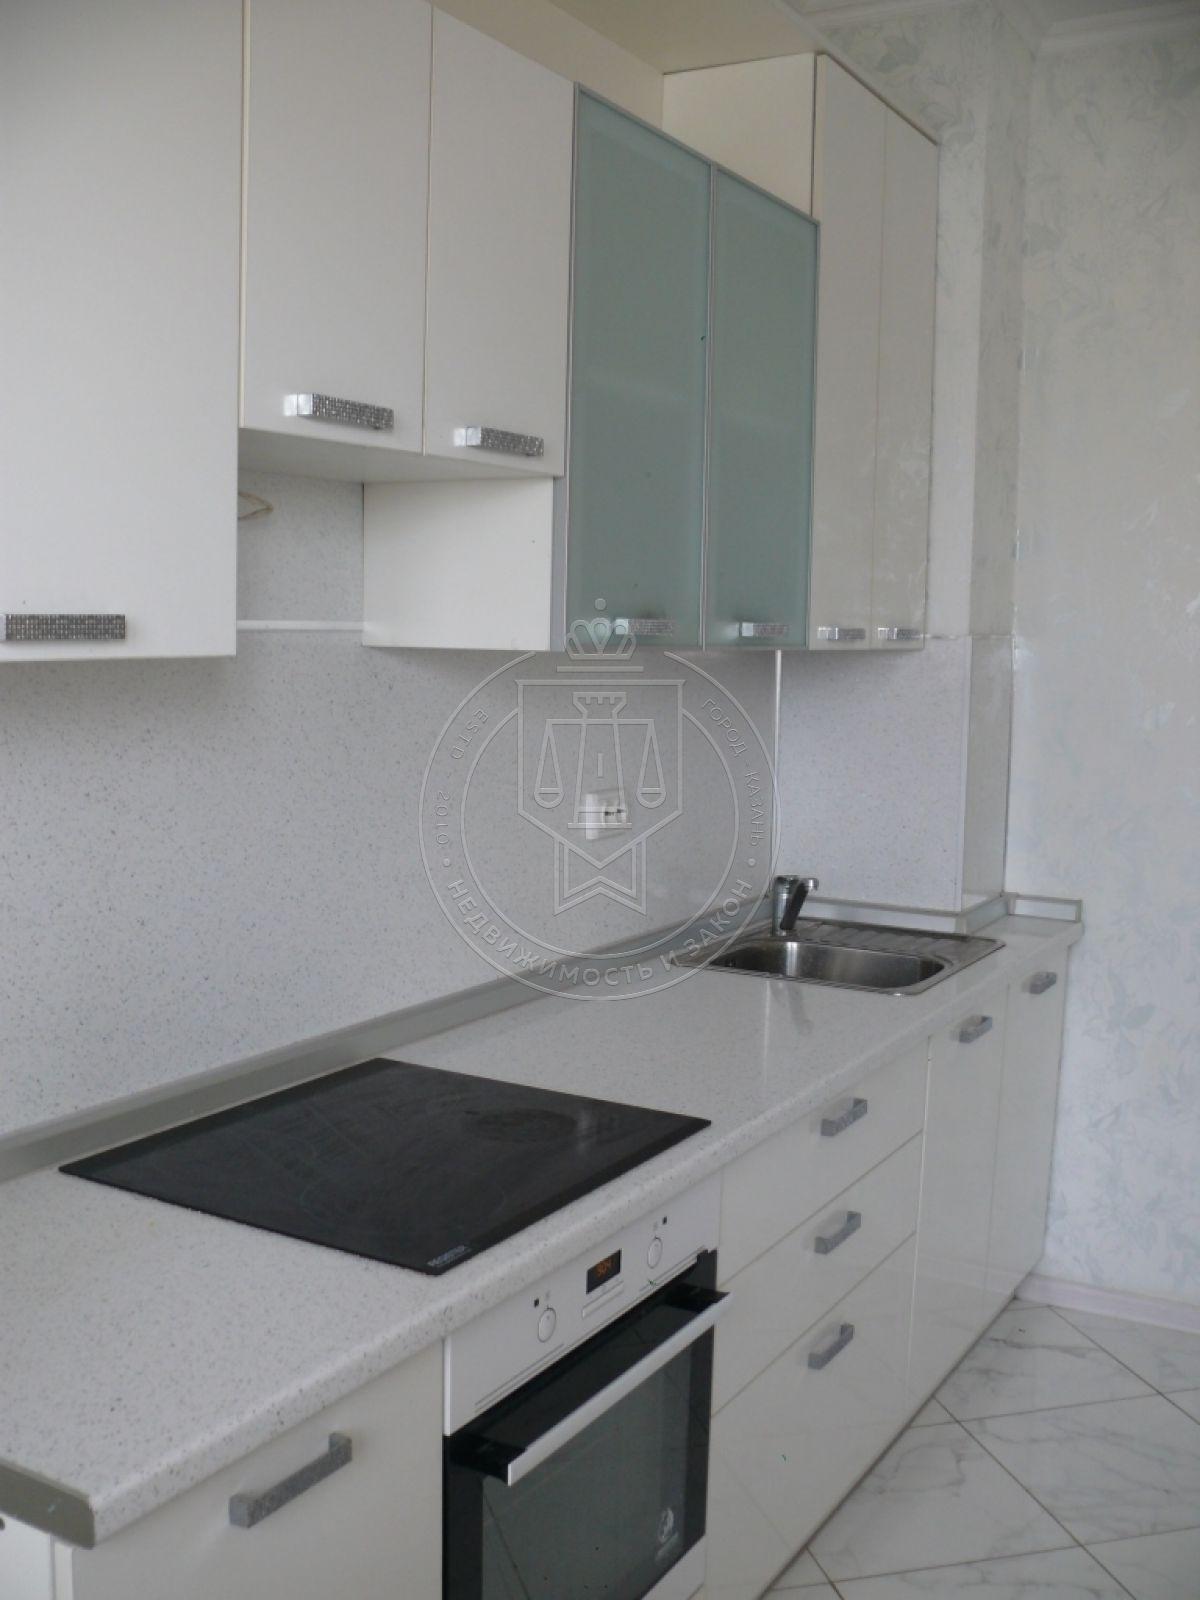 Продажа 2-к квартиры Адоратского ул, 4а, 61 м² (миниатюра №1)